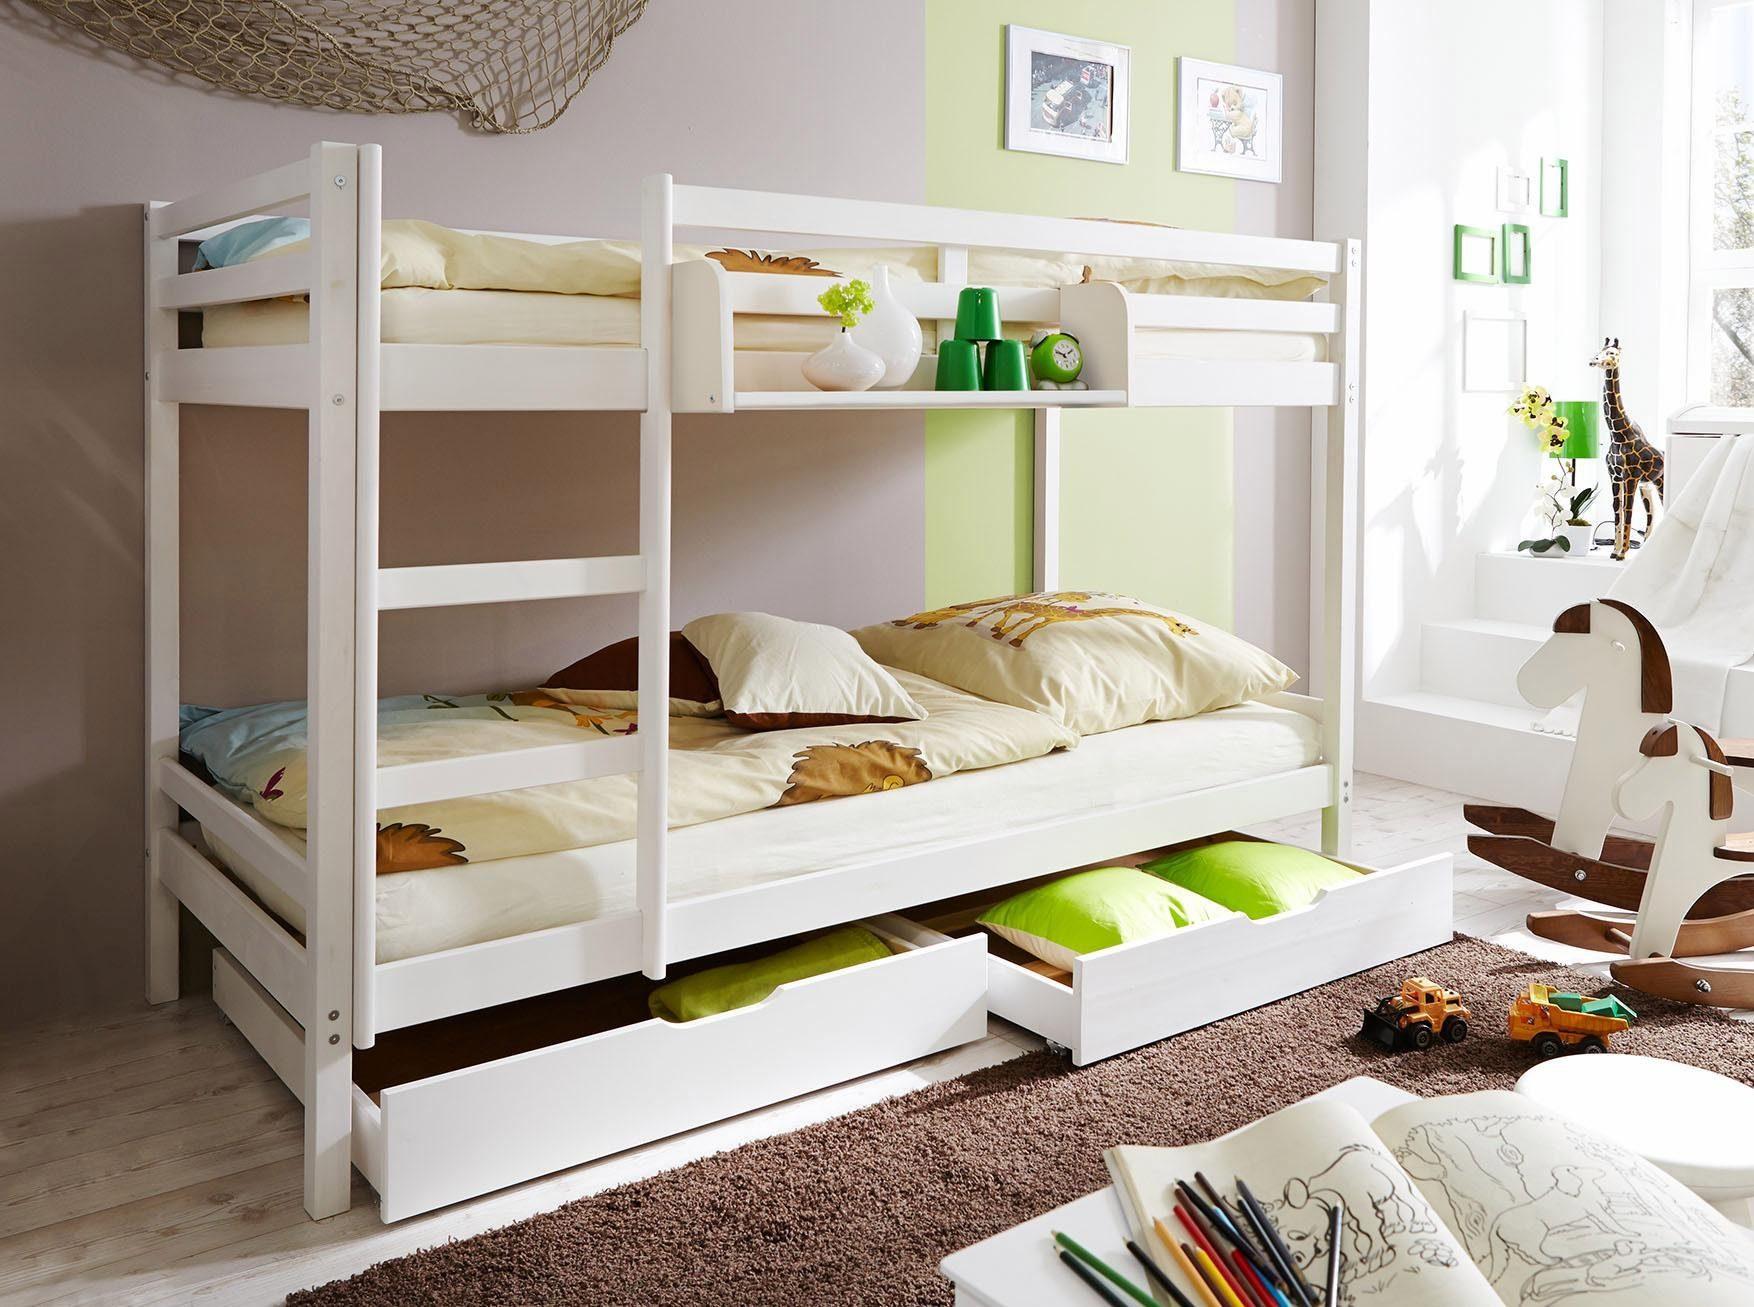 Etagenbett Erni : Massivmoebel etagenbetten online kaufen möbel suchmaschine